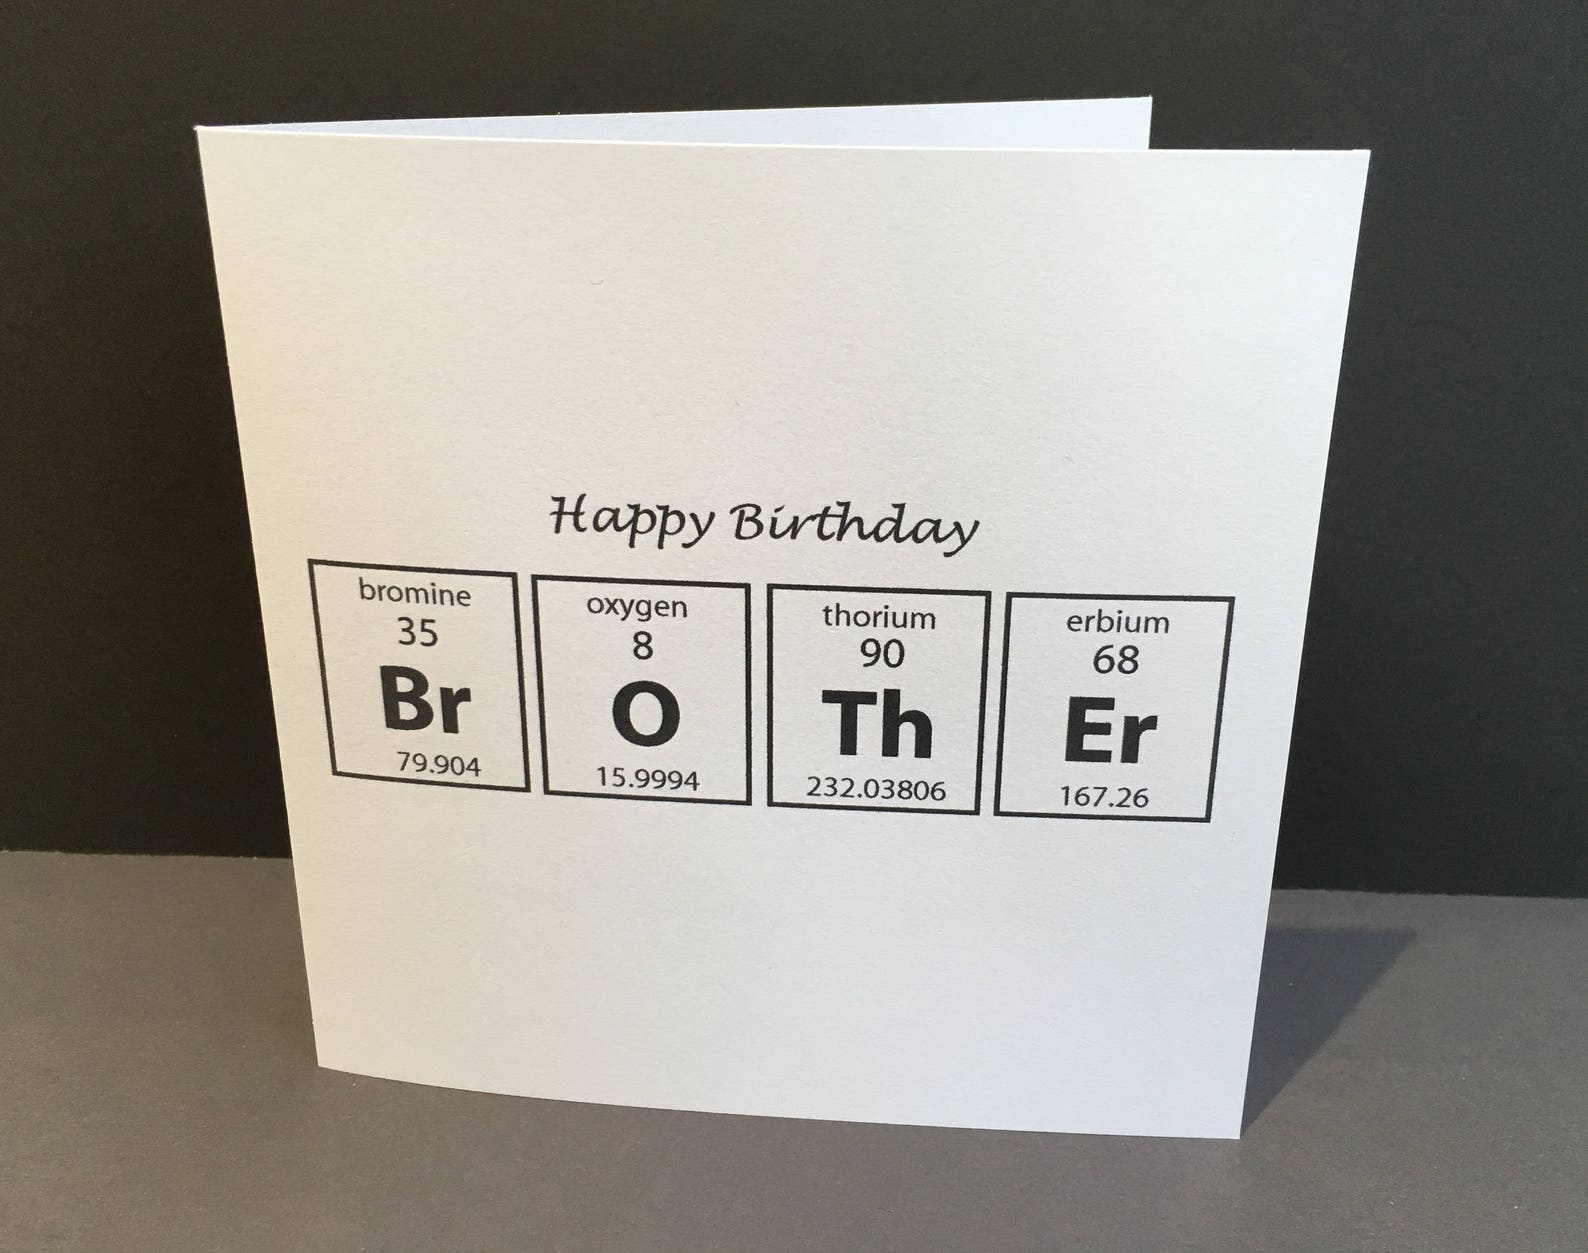 geburtstagskarte für einen bruder karte für einen chemiker